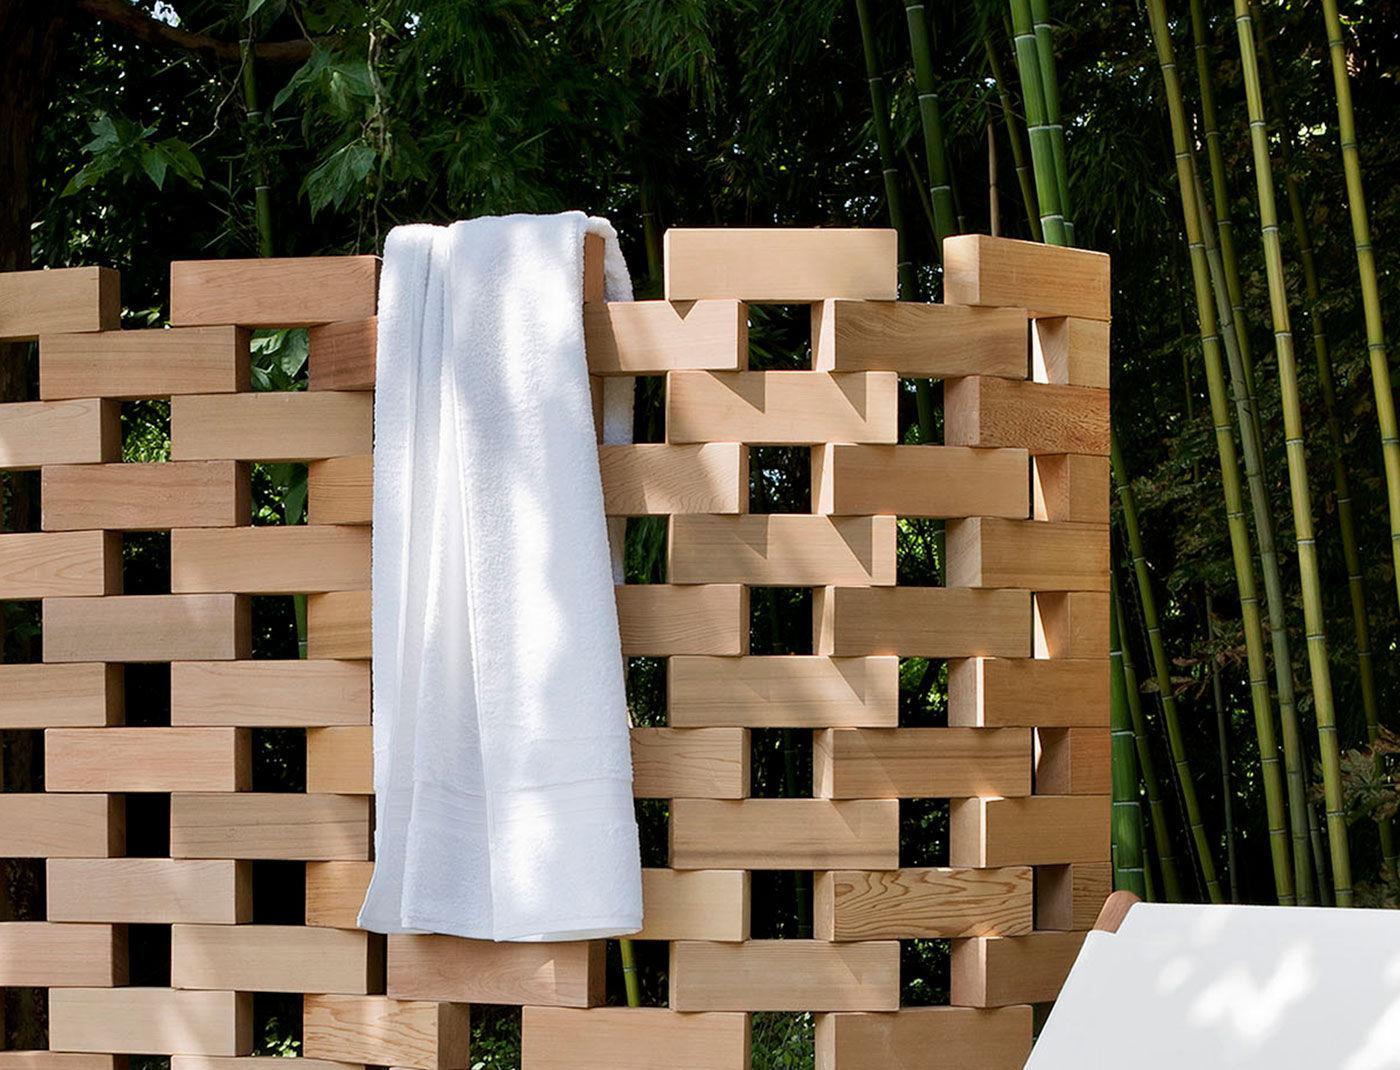 Full Size of Garten Paravent Wetterfest Ikea Polyrattan Selber Bauen Bambus Bauhaus Hornbach Metall Weide Holz Moderner Zen Exteta Relaxsessel Aldi Mastleuchten Sonnensegel Garten Garten Paravent